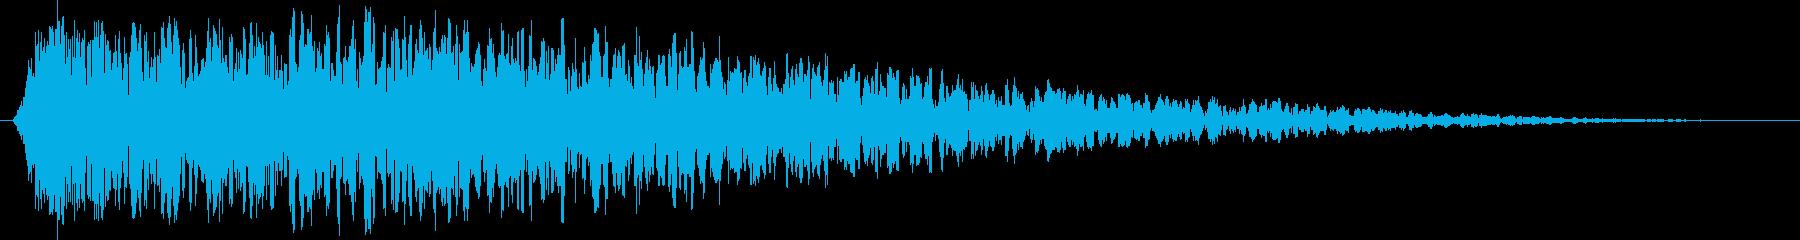 ヴィンテージ宇宙爆発、砂塵、宇宙振...の再生済みの波形